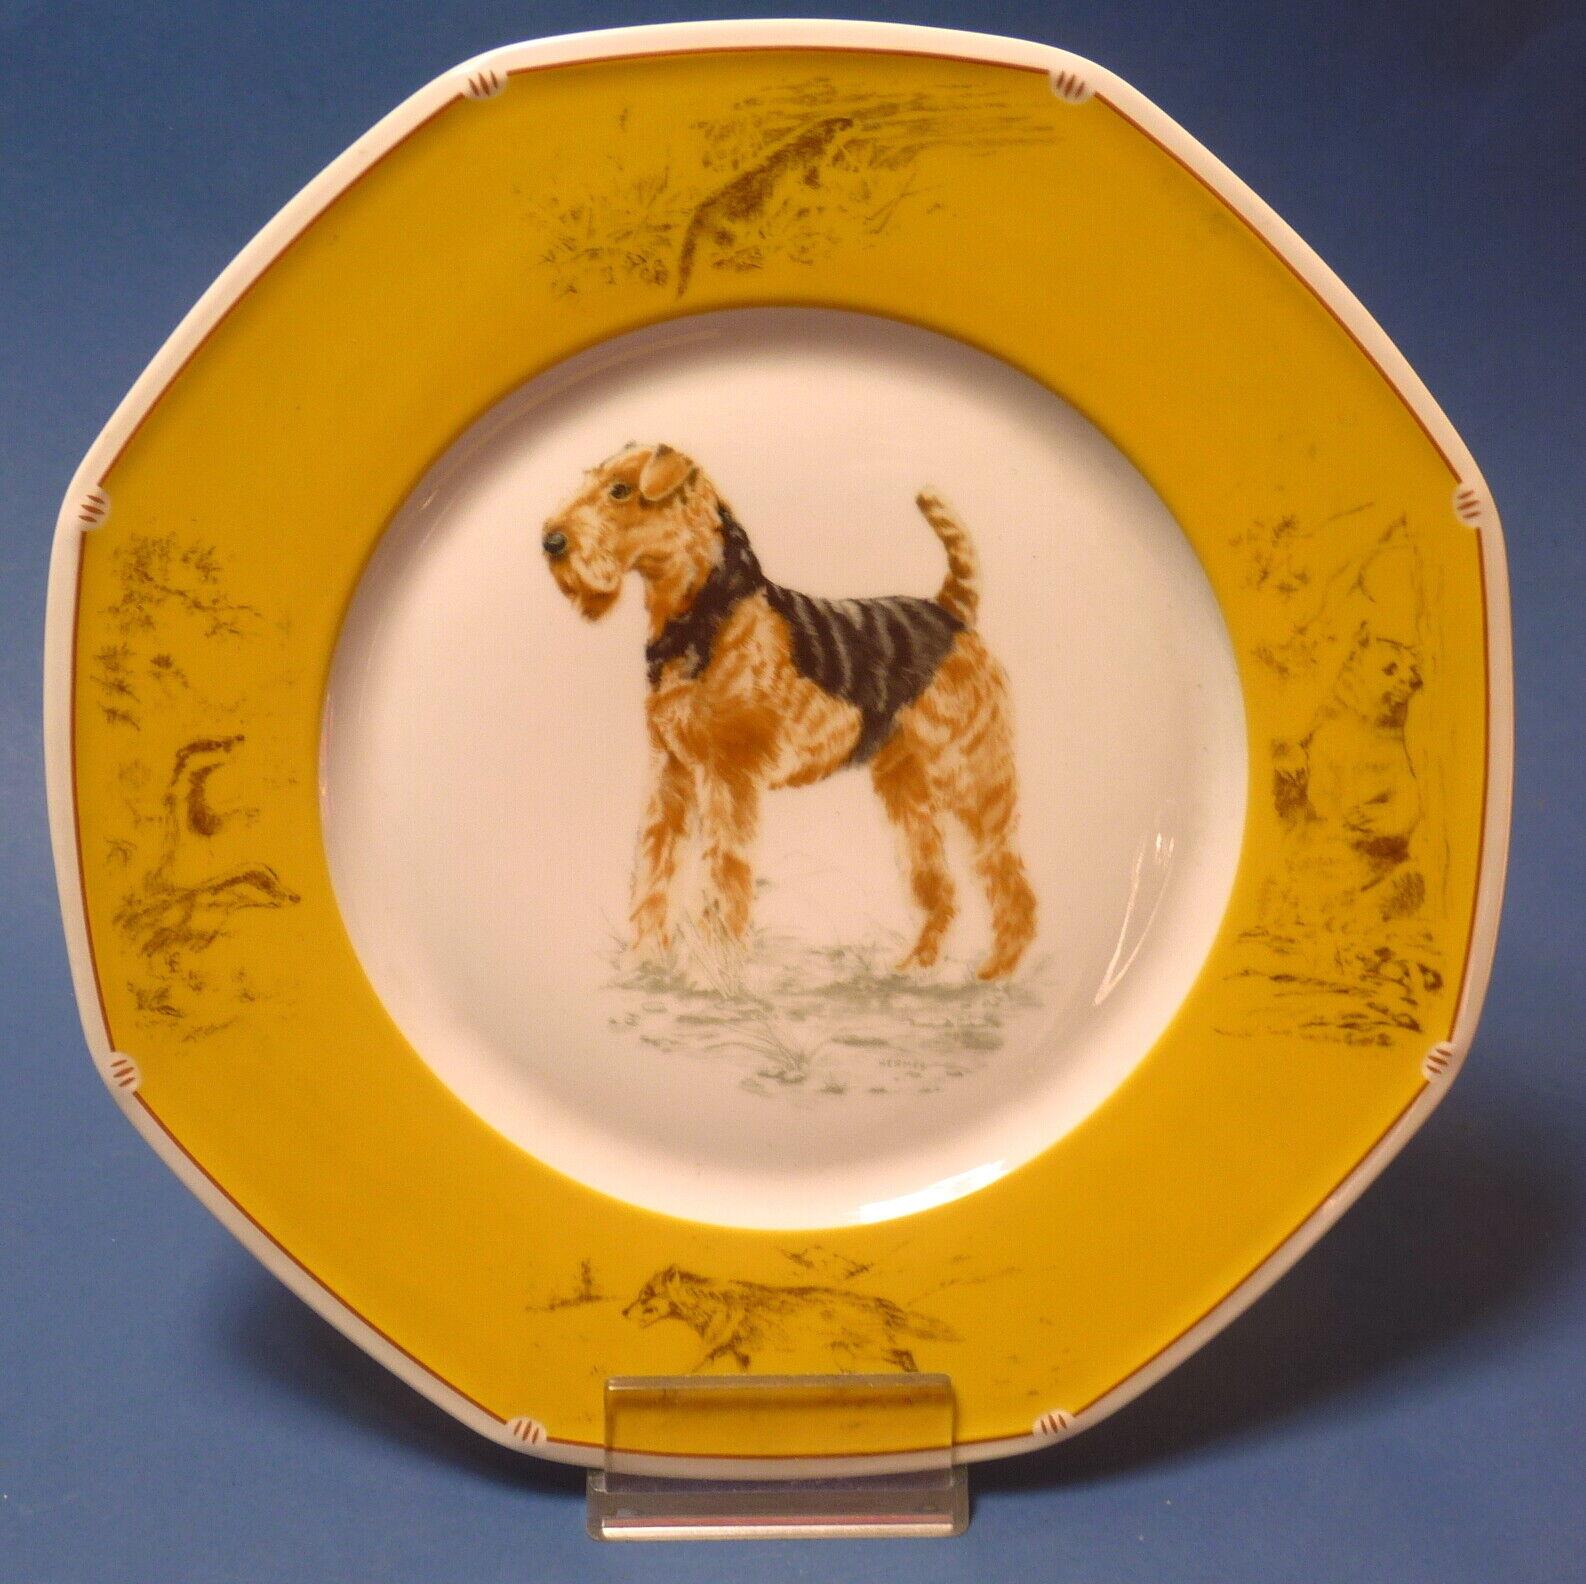 Hermès plato con caza-perros-motivo 'Airdale terrier ' - 25,5 cm  15864